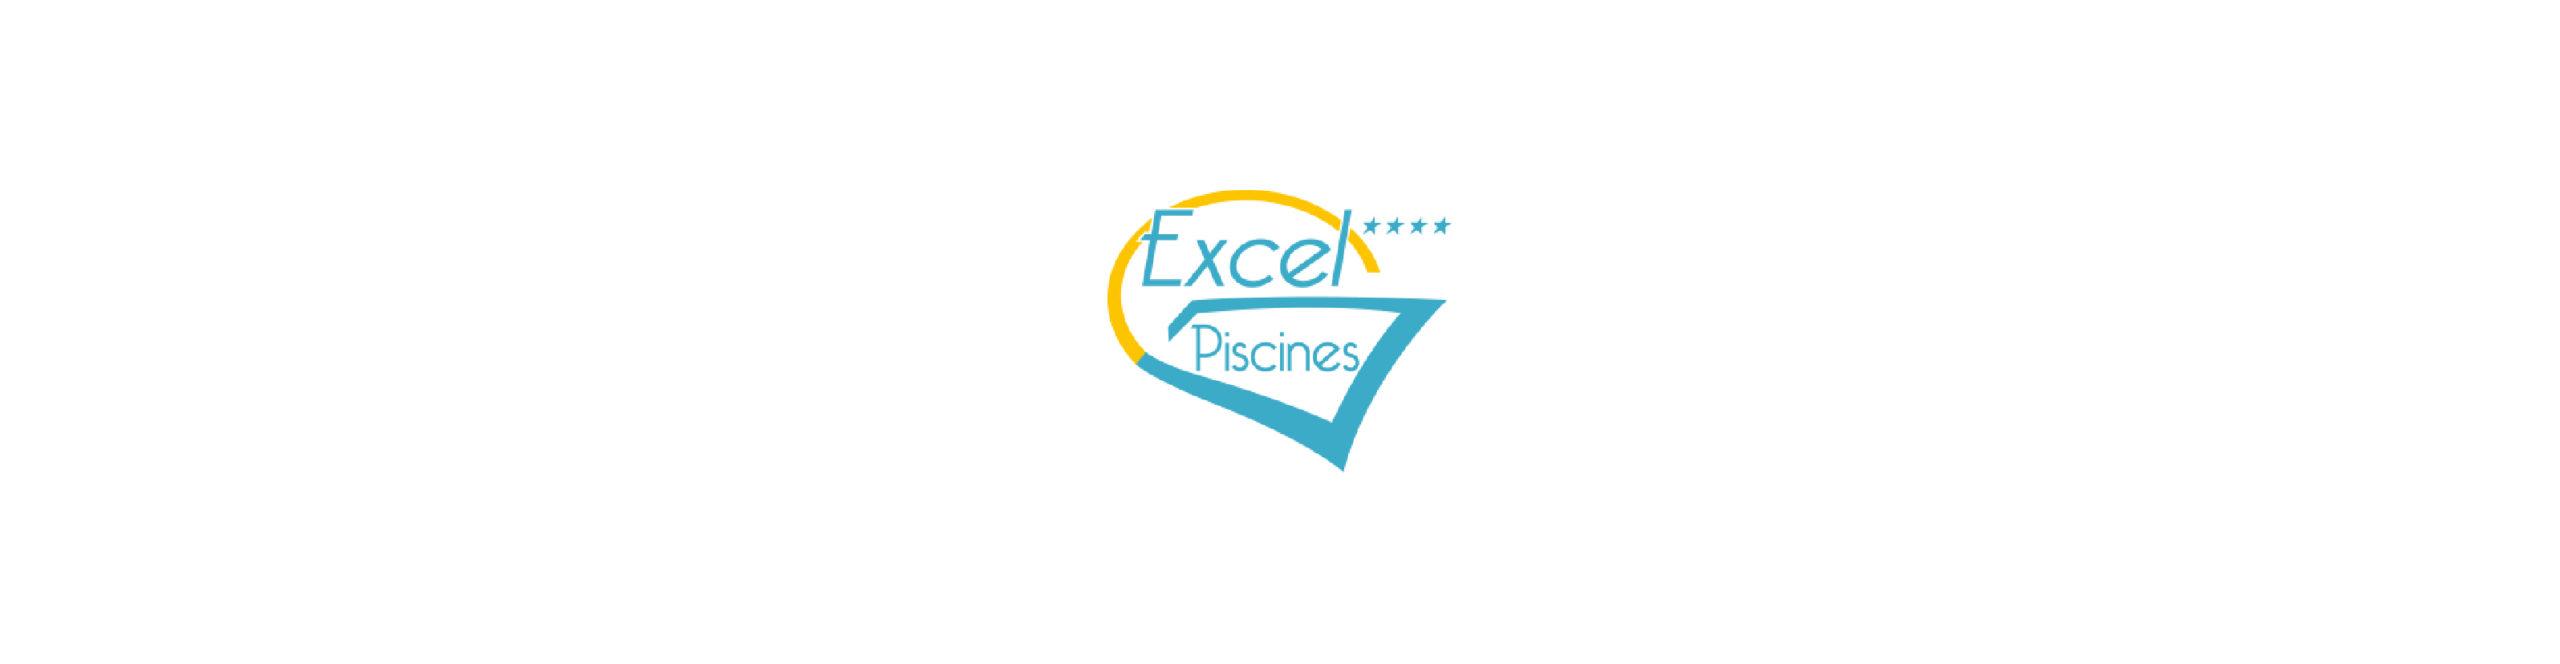 excelpiscines-logo-01